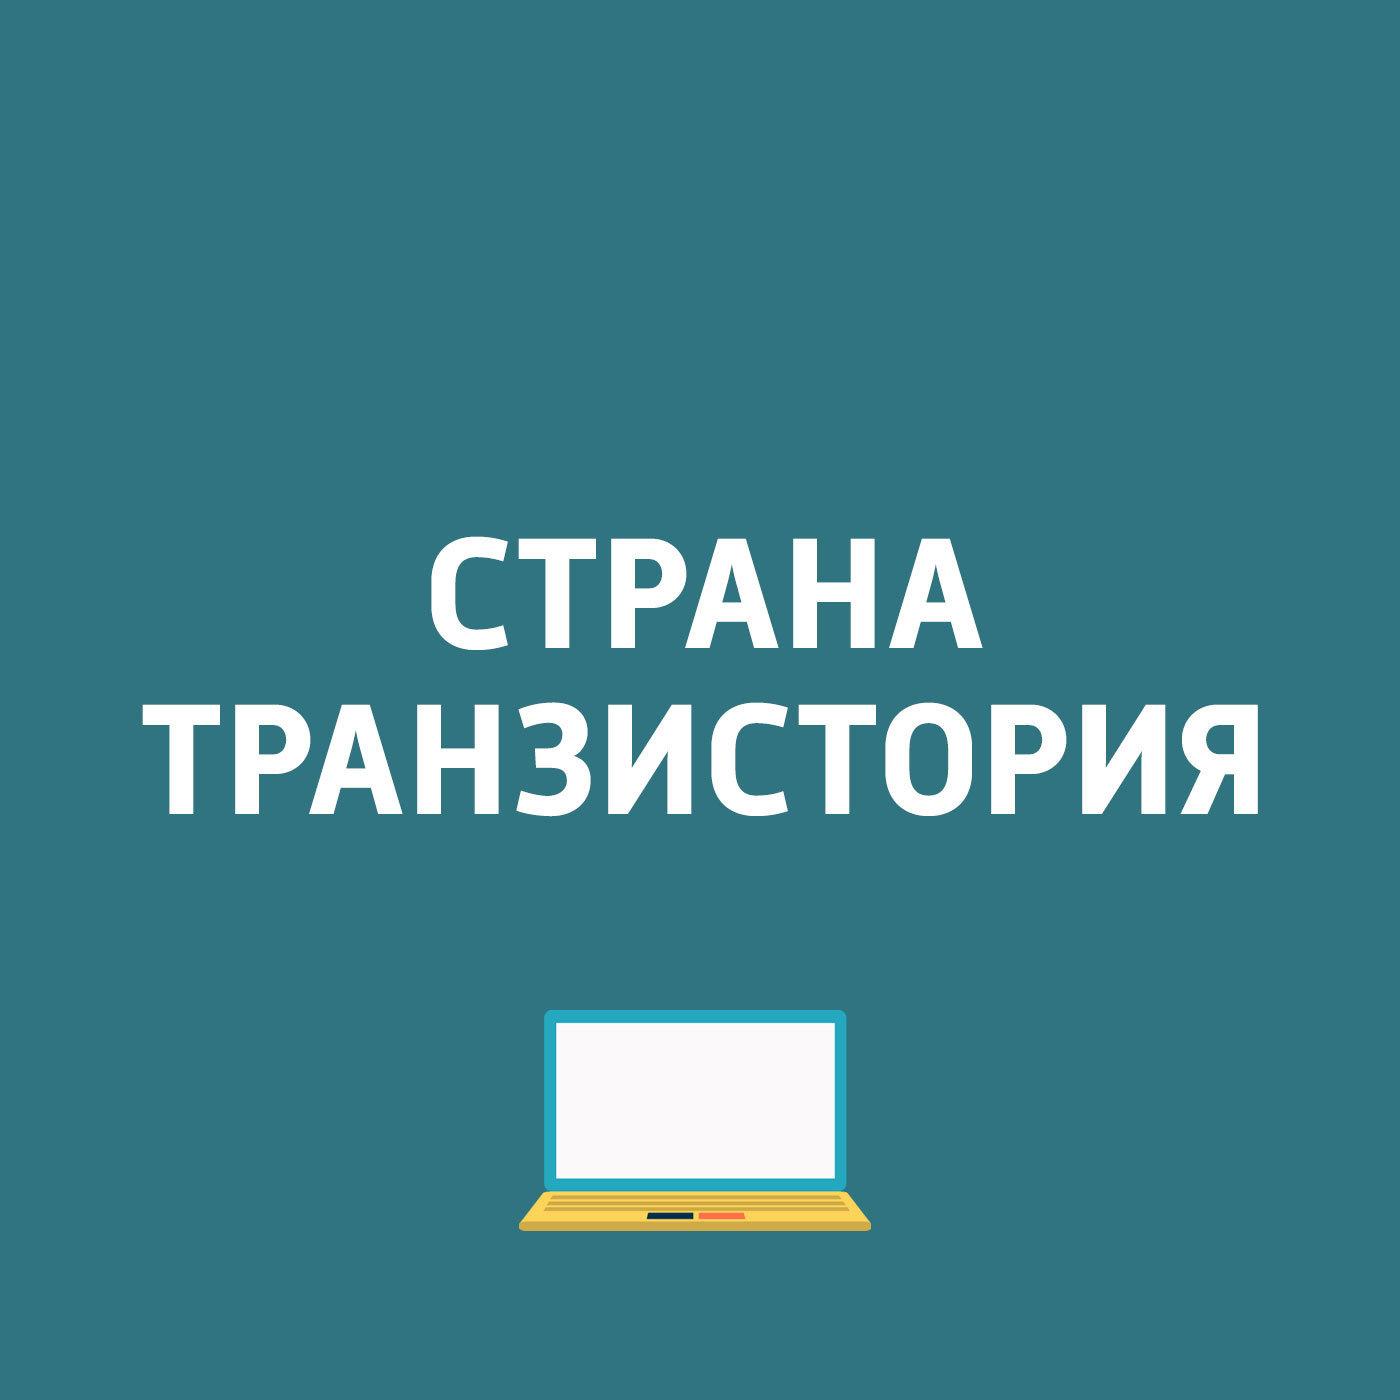 Картаев Павел Начало продаж Nokia 8110 4G; ASUS представила новые игровые ноутбуки; Apple анонсировала iOS 12